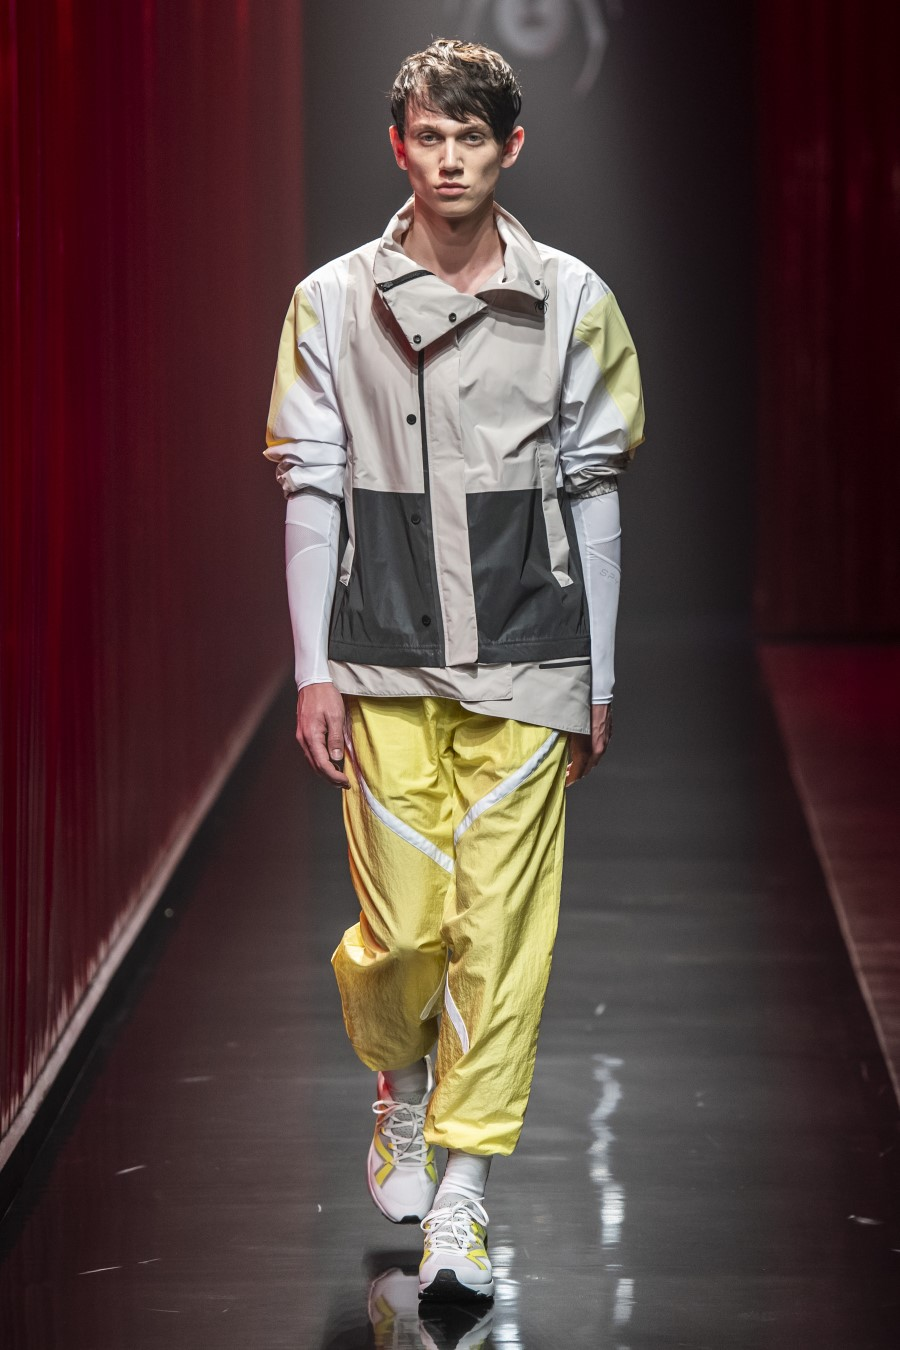 Spyder - Printemps-Été 2020 - Milan Fashion Wee